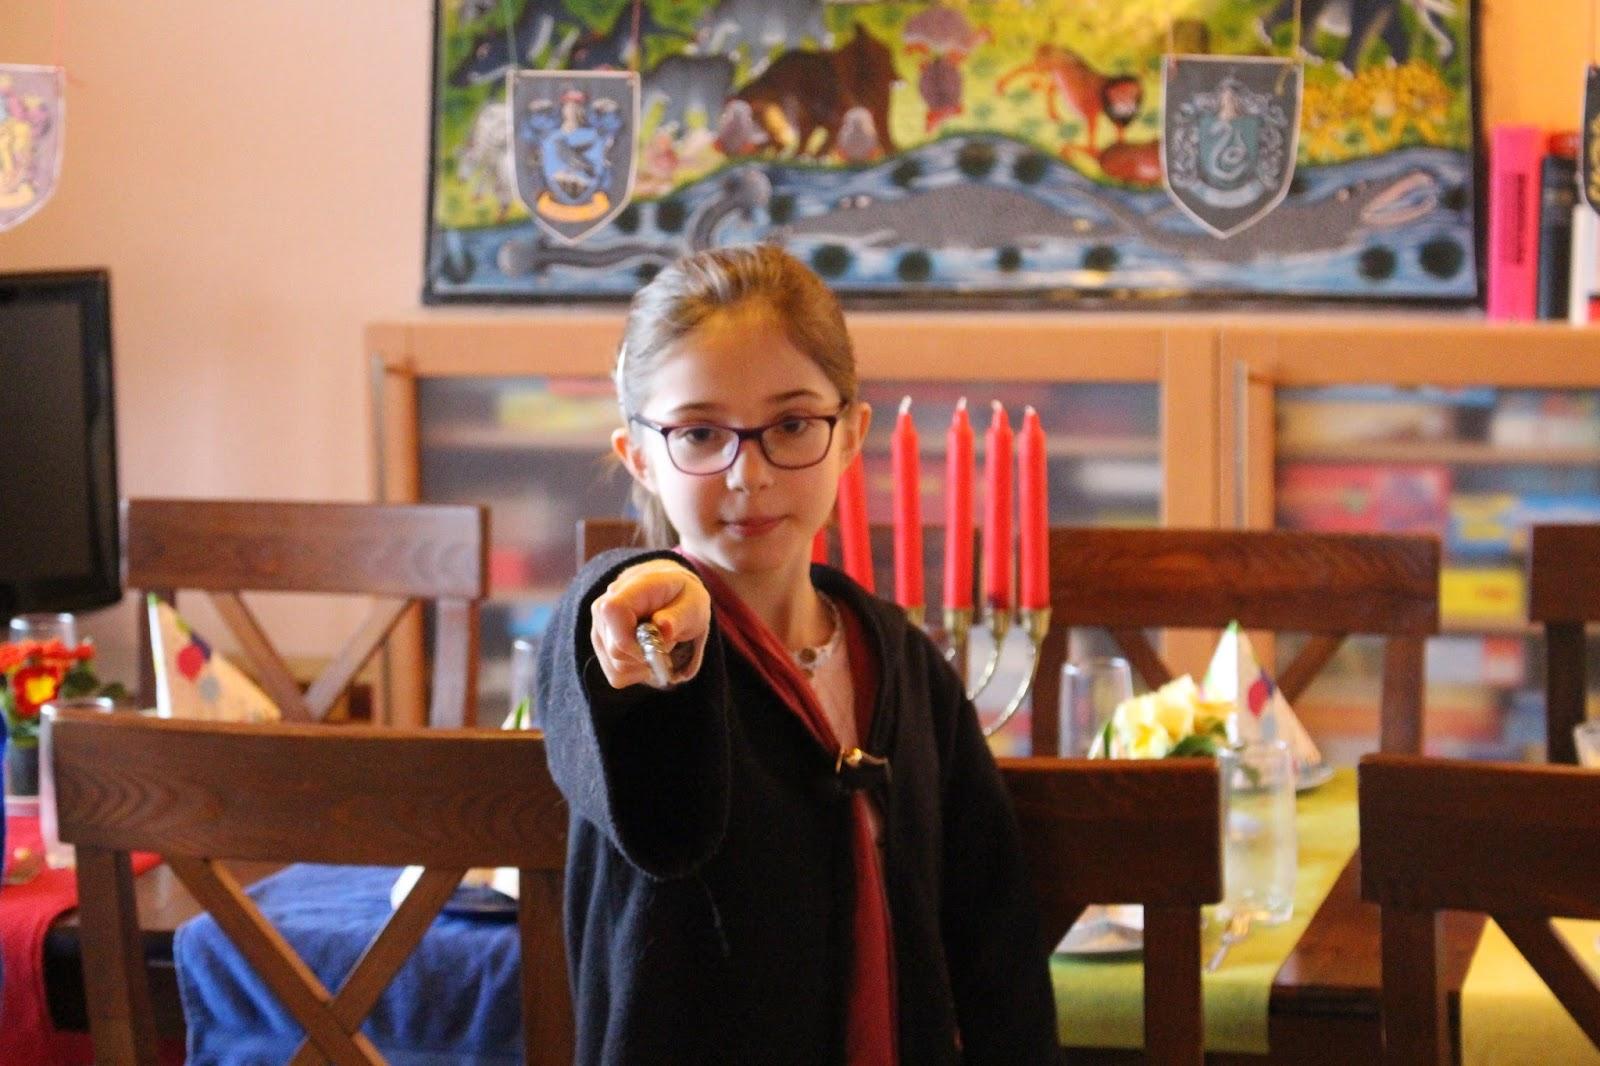 Zaubern mit Hermine Granger - Harry Potter Geburtstag